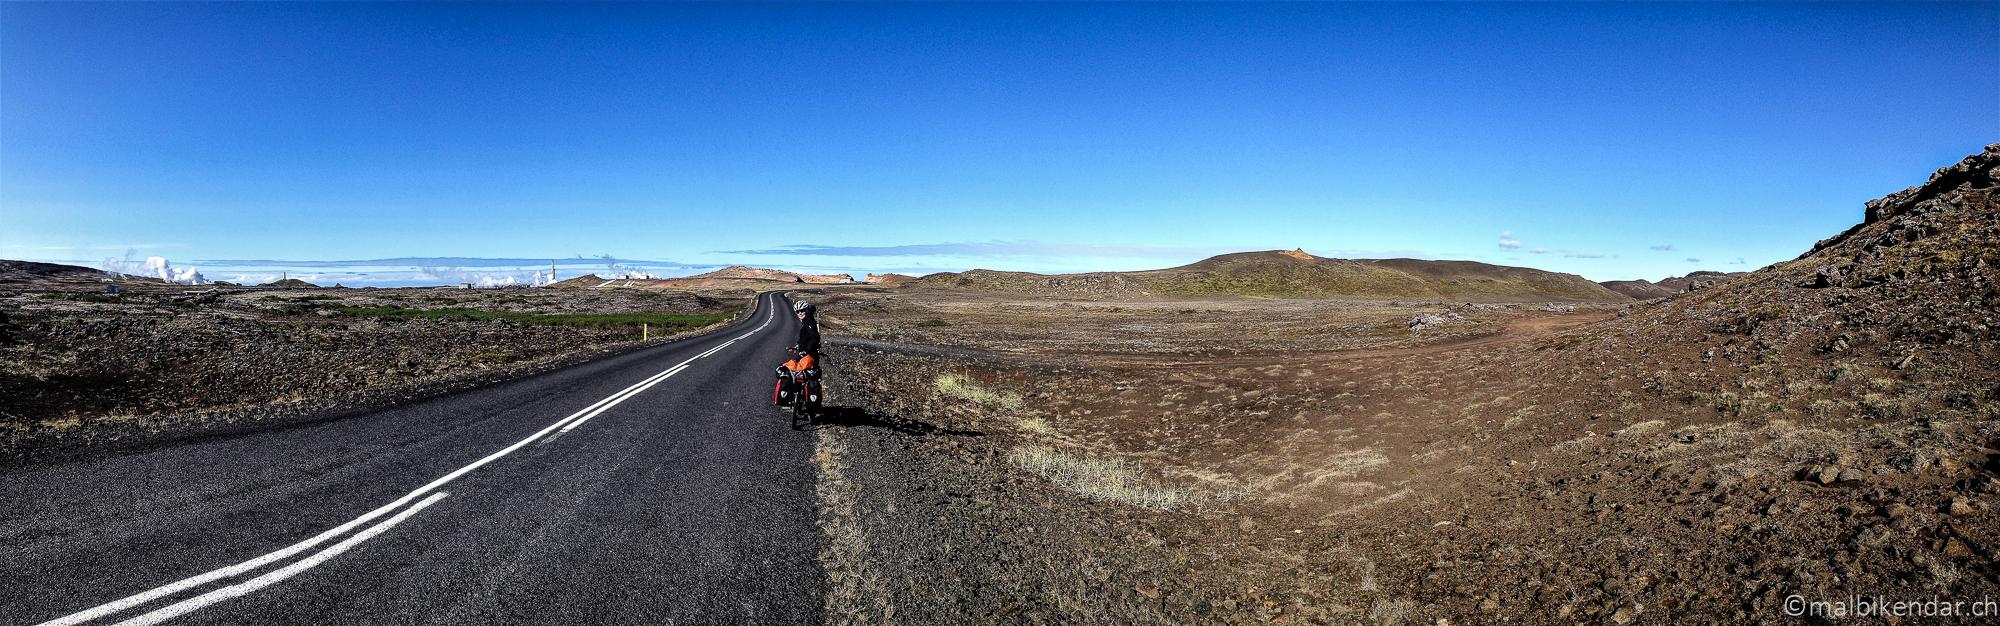 Voyage vélo en Islande, Gunnuhver est visible de loin - ici depuis la route 425